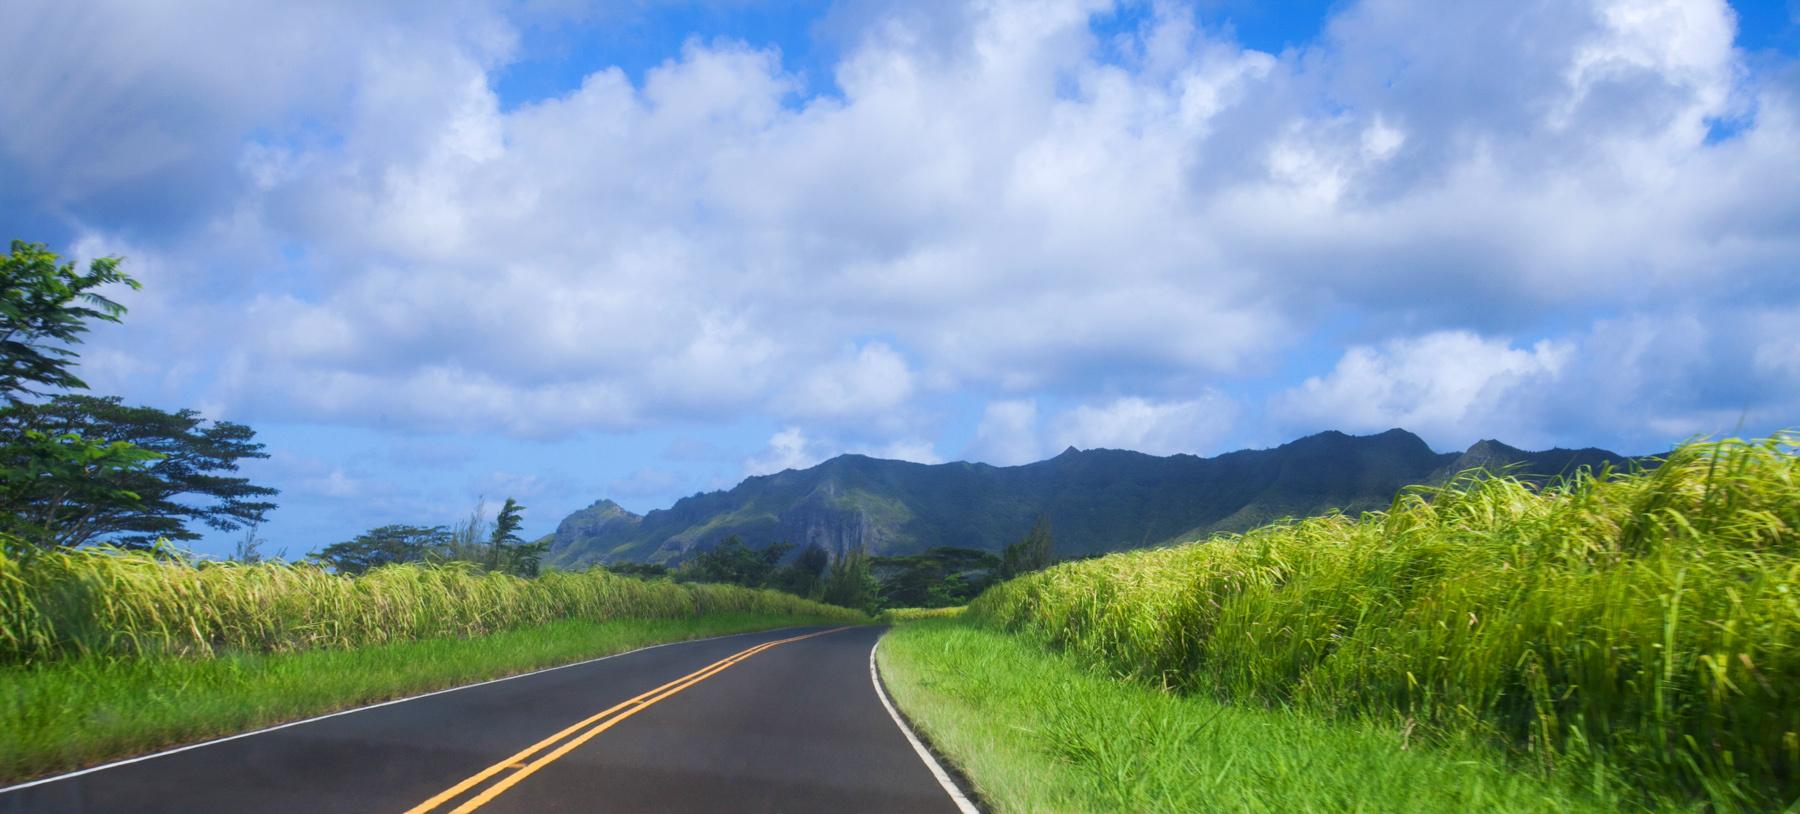 Inner Road, Kauai